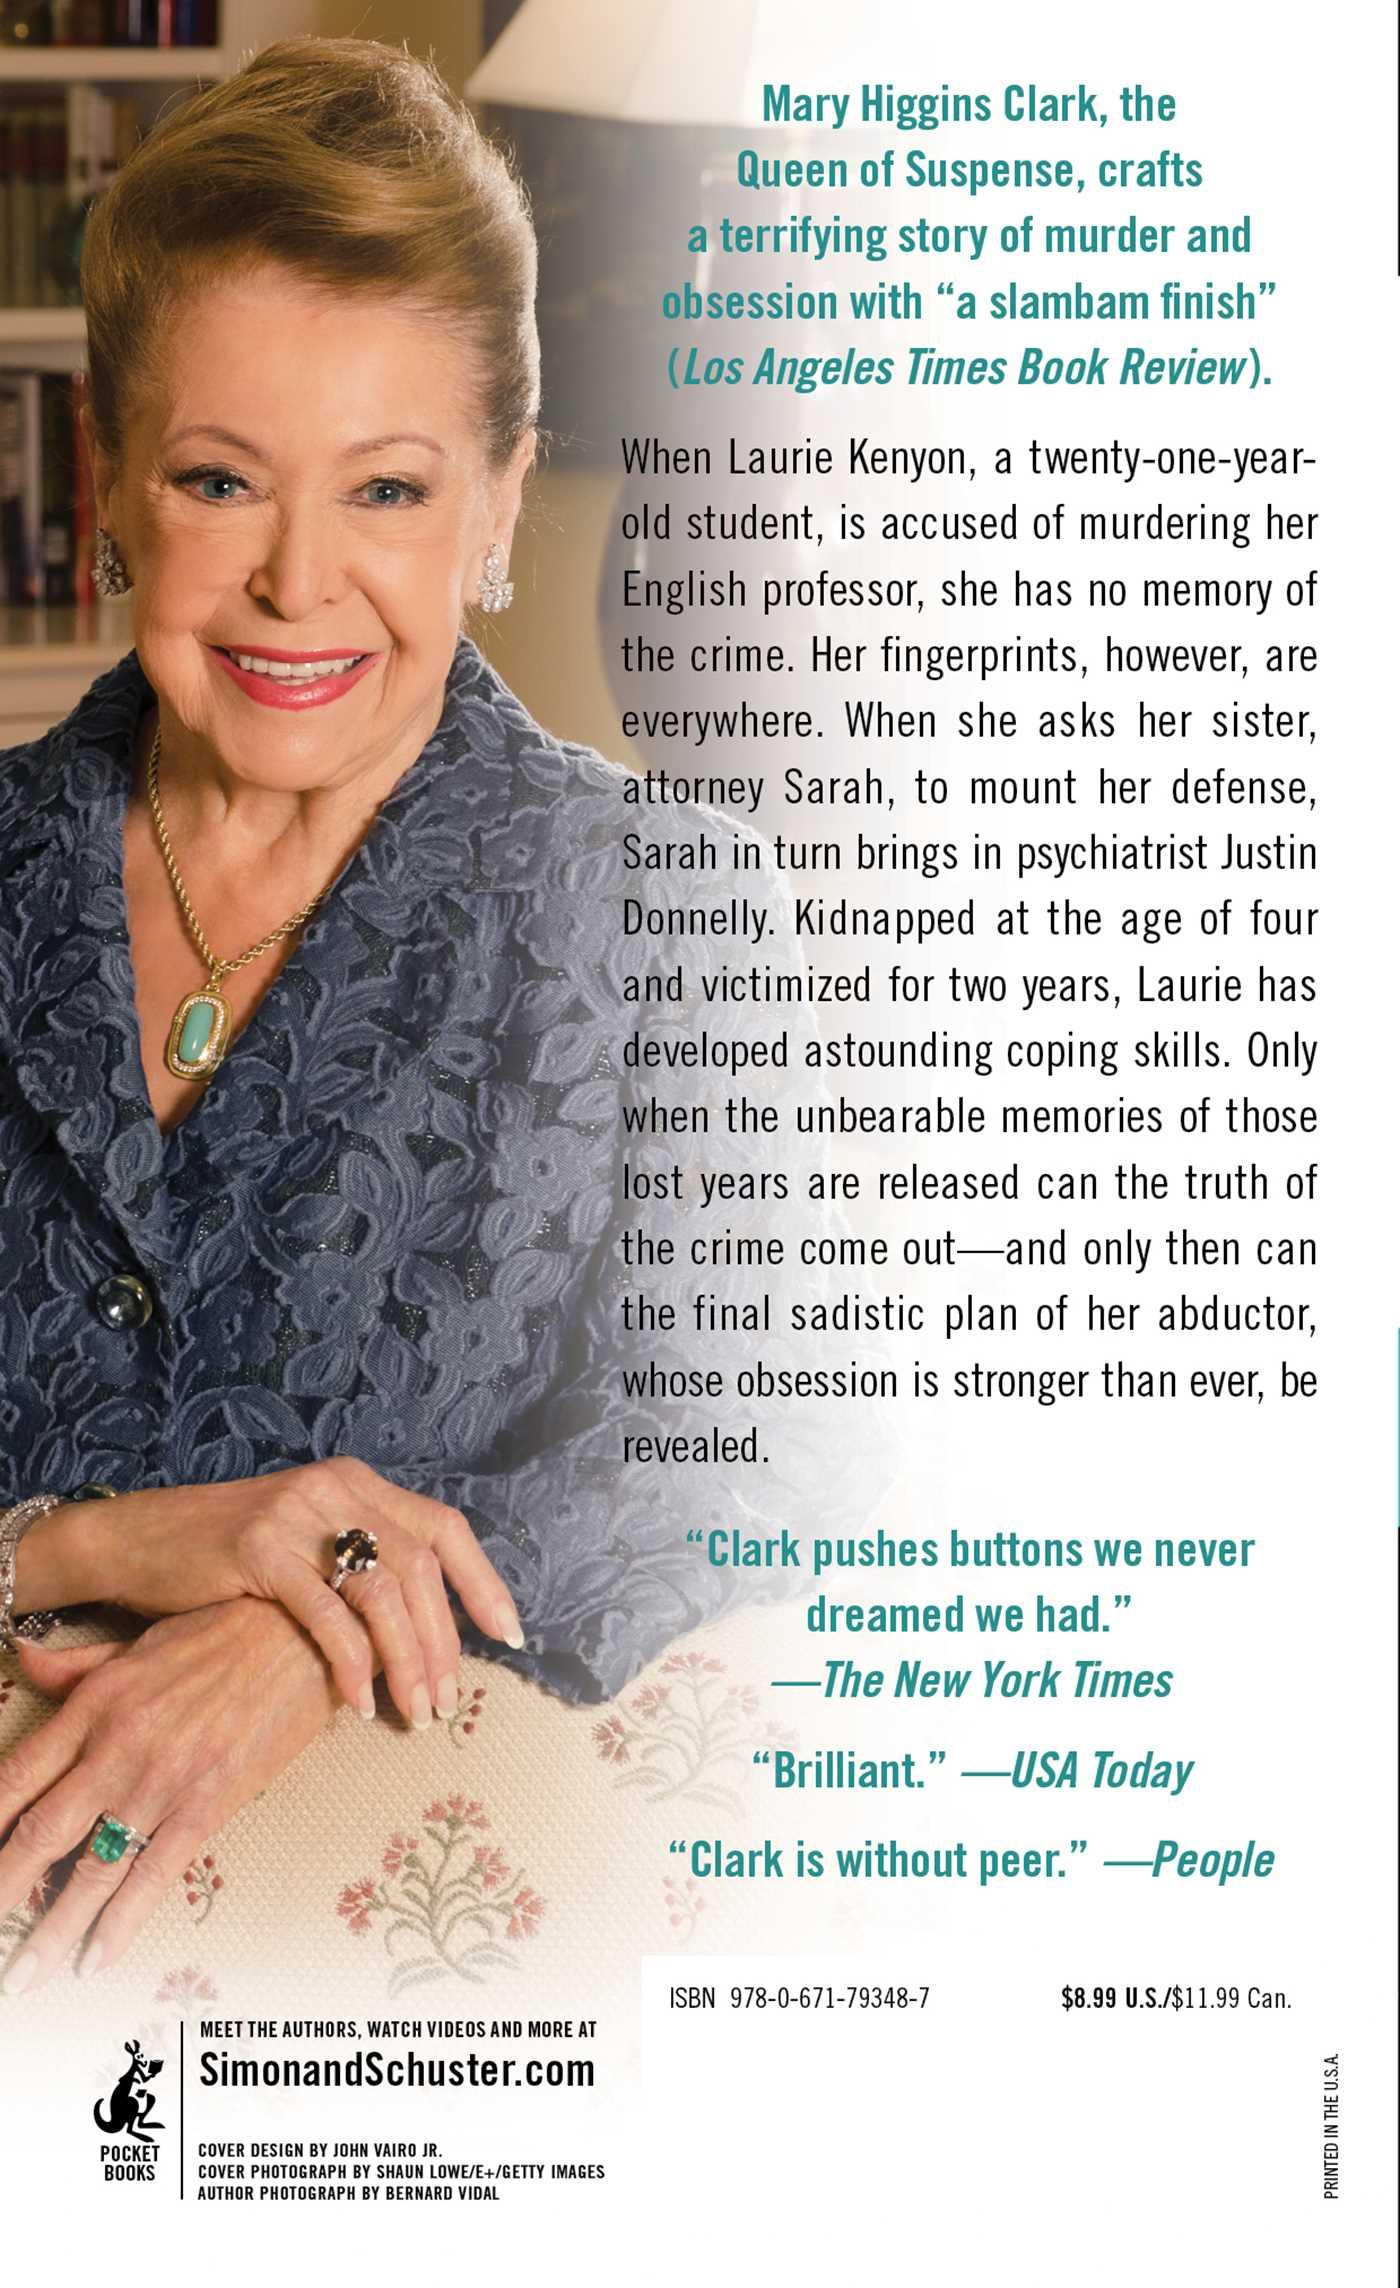 Remember Me (Mary Higgins Clark novel)